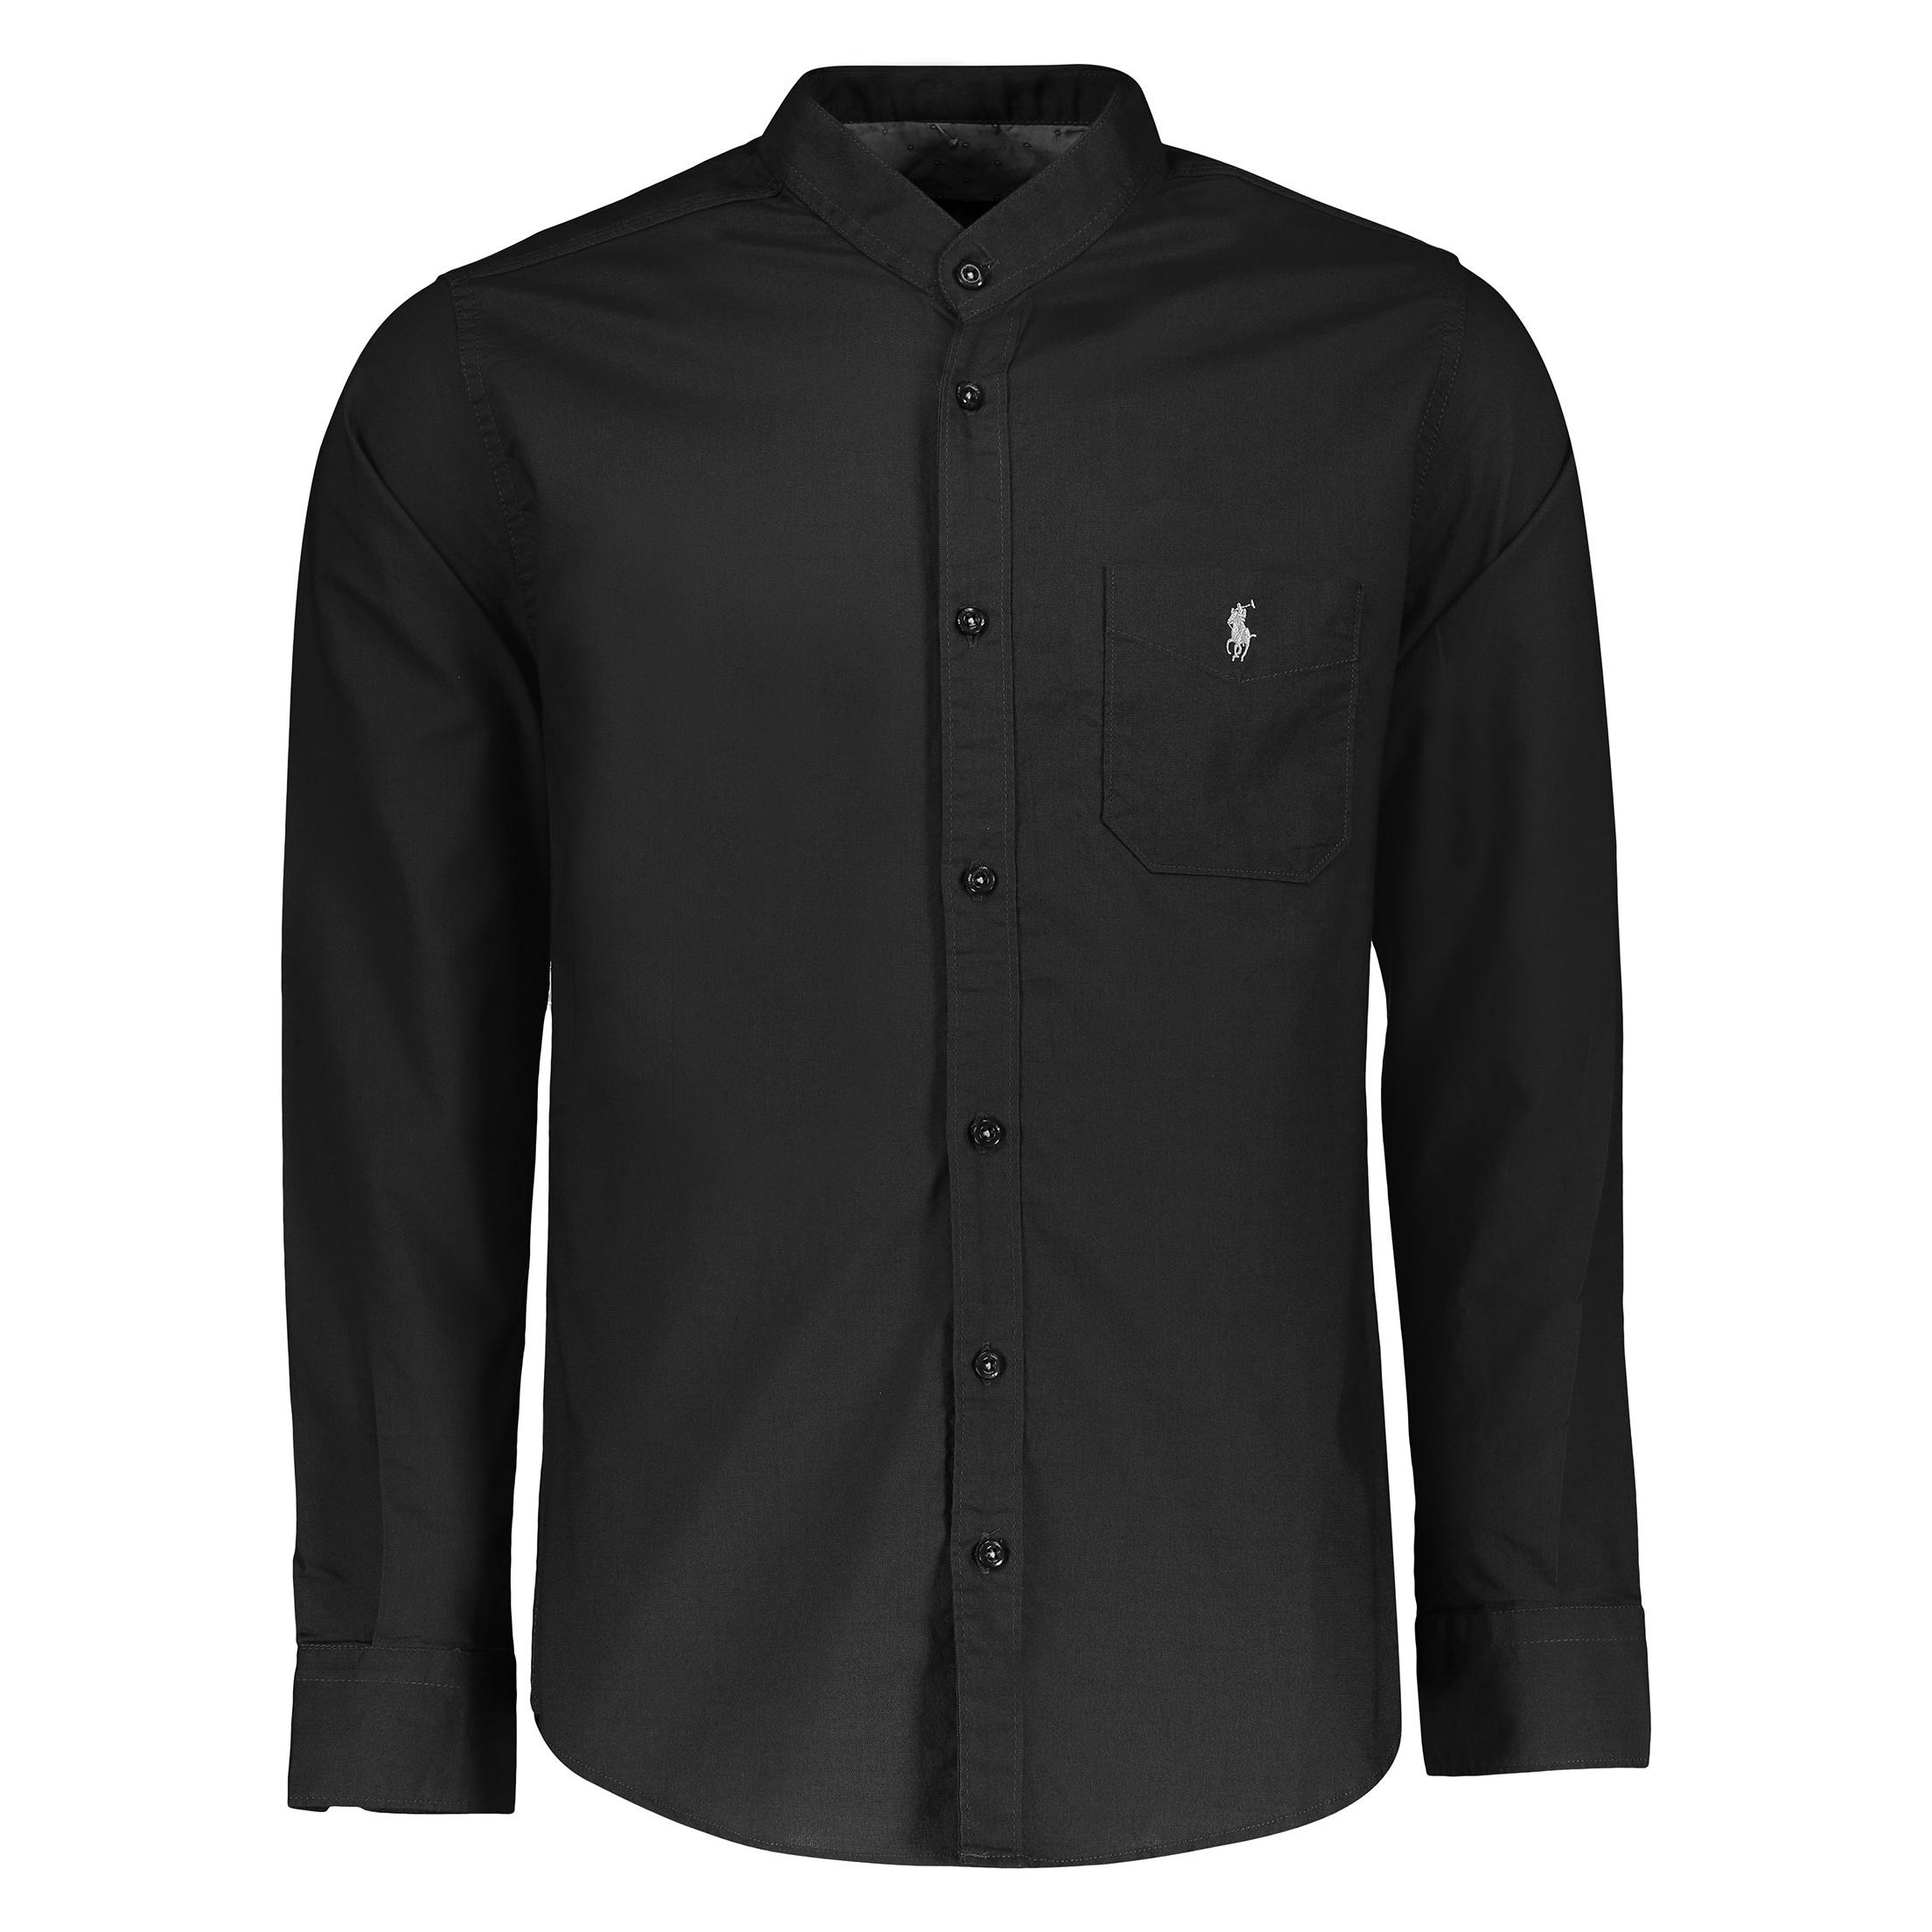 پیراهن مردانه کد 053 رنگ مشکی